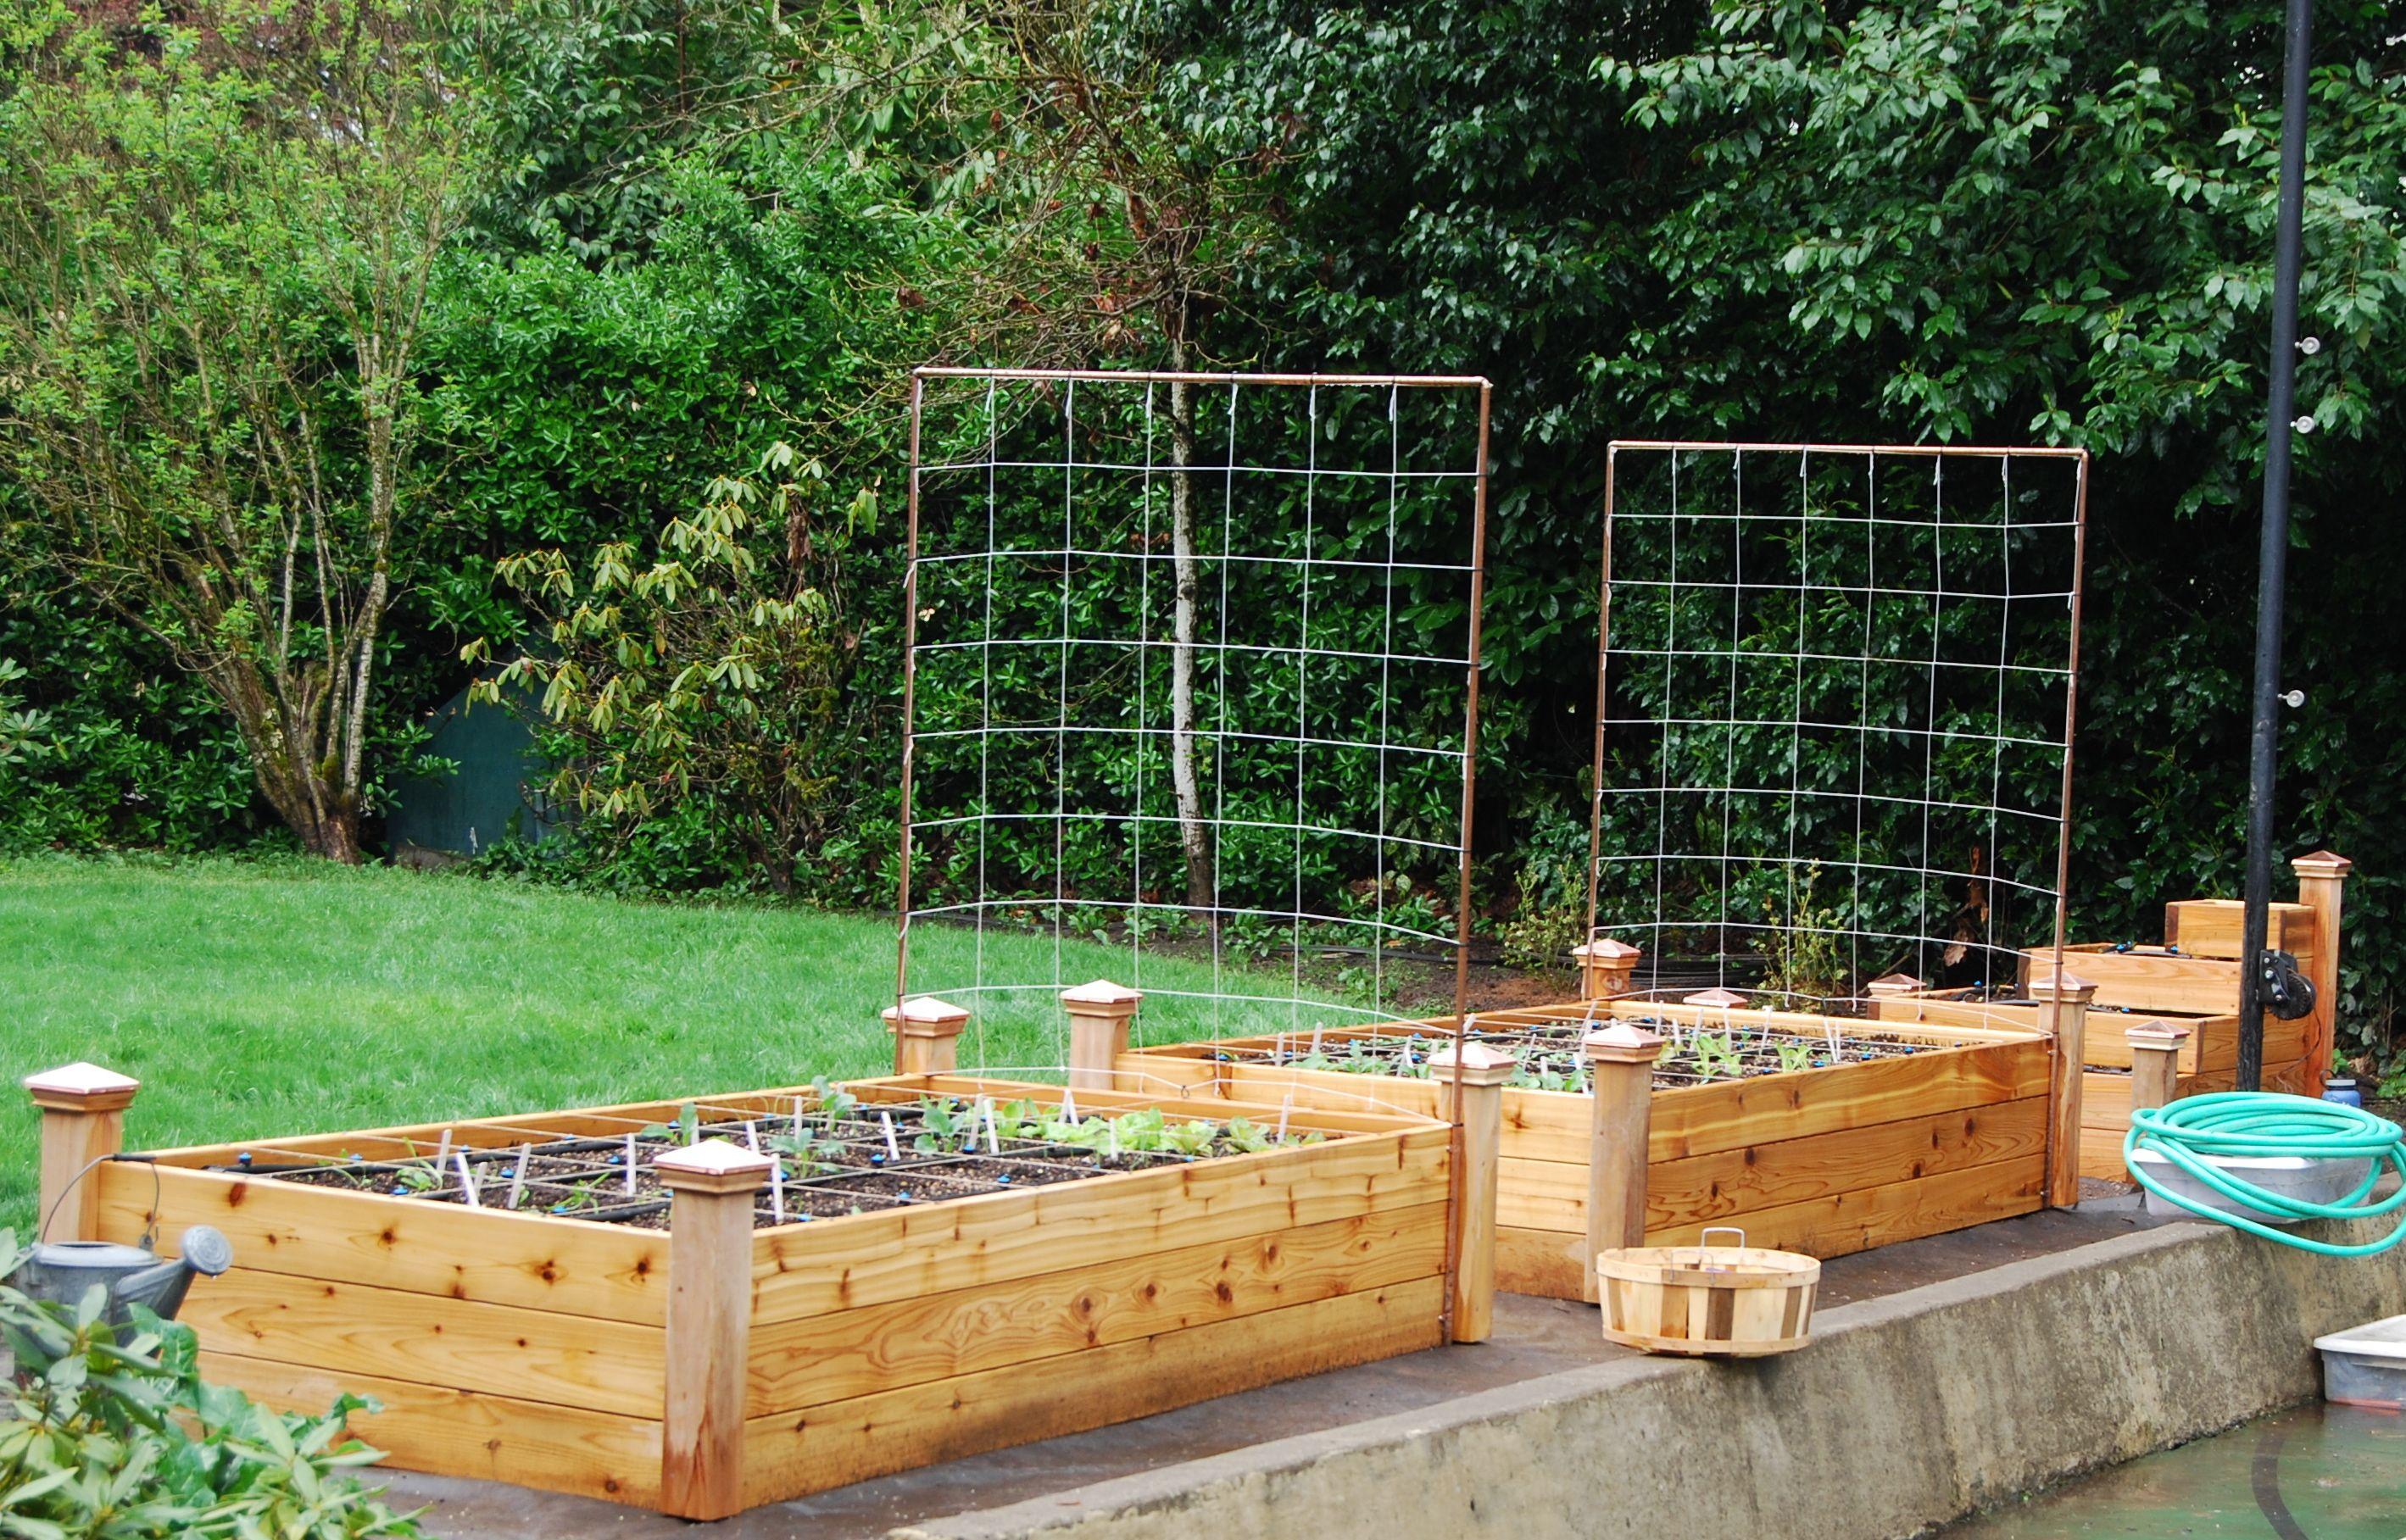 Pin by Caroline Lewis on Raised Bed Gardening Trellis